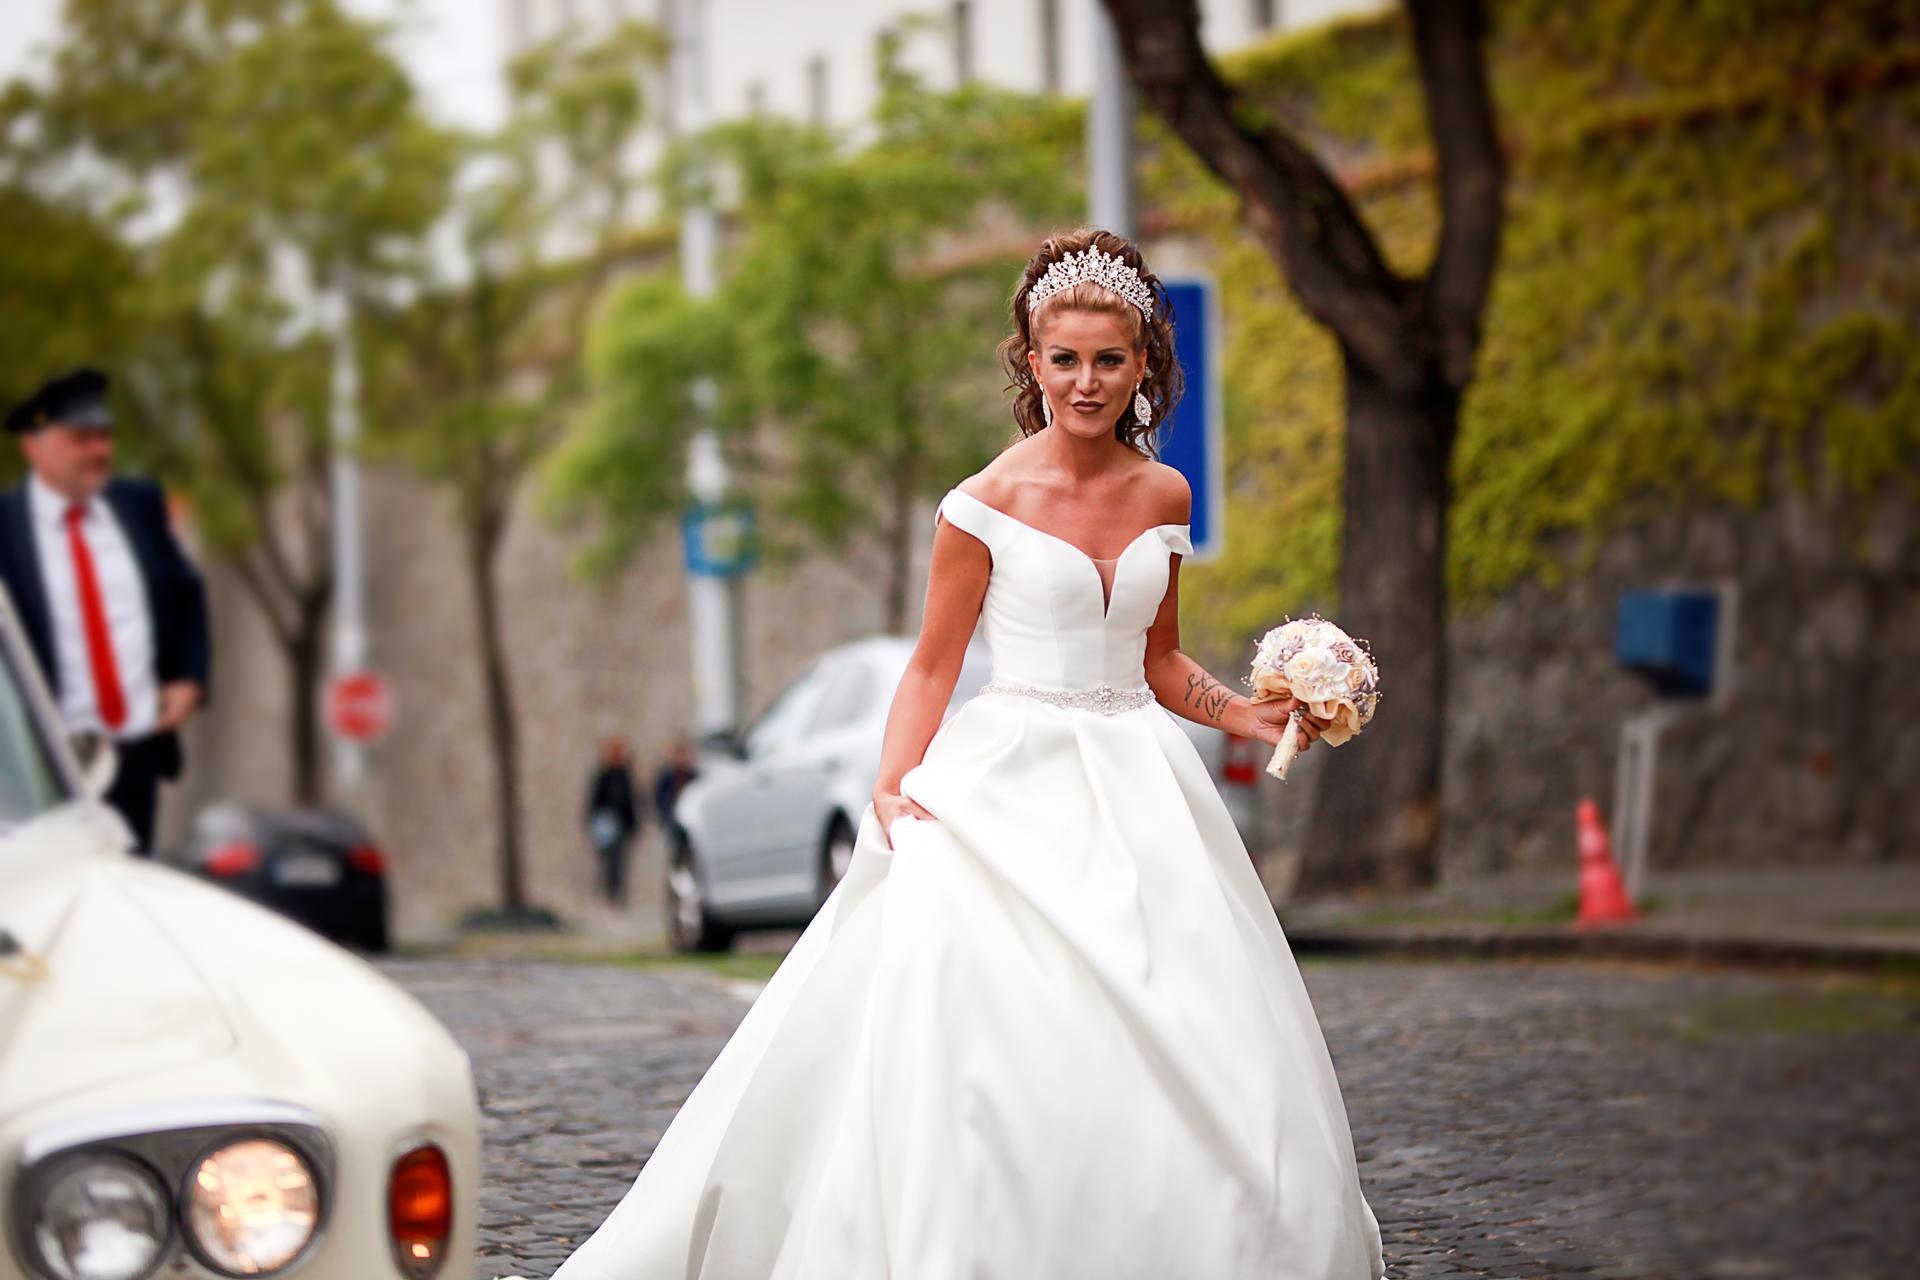 Svadba 22.05.2021 Bratislava Staré Mesto - Kaštieľ Studené - Obrázok č. 2